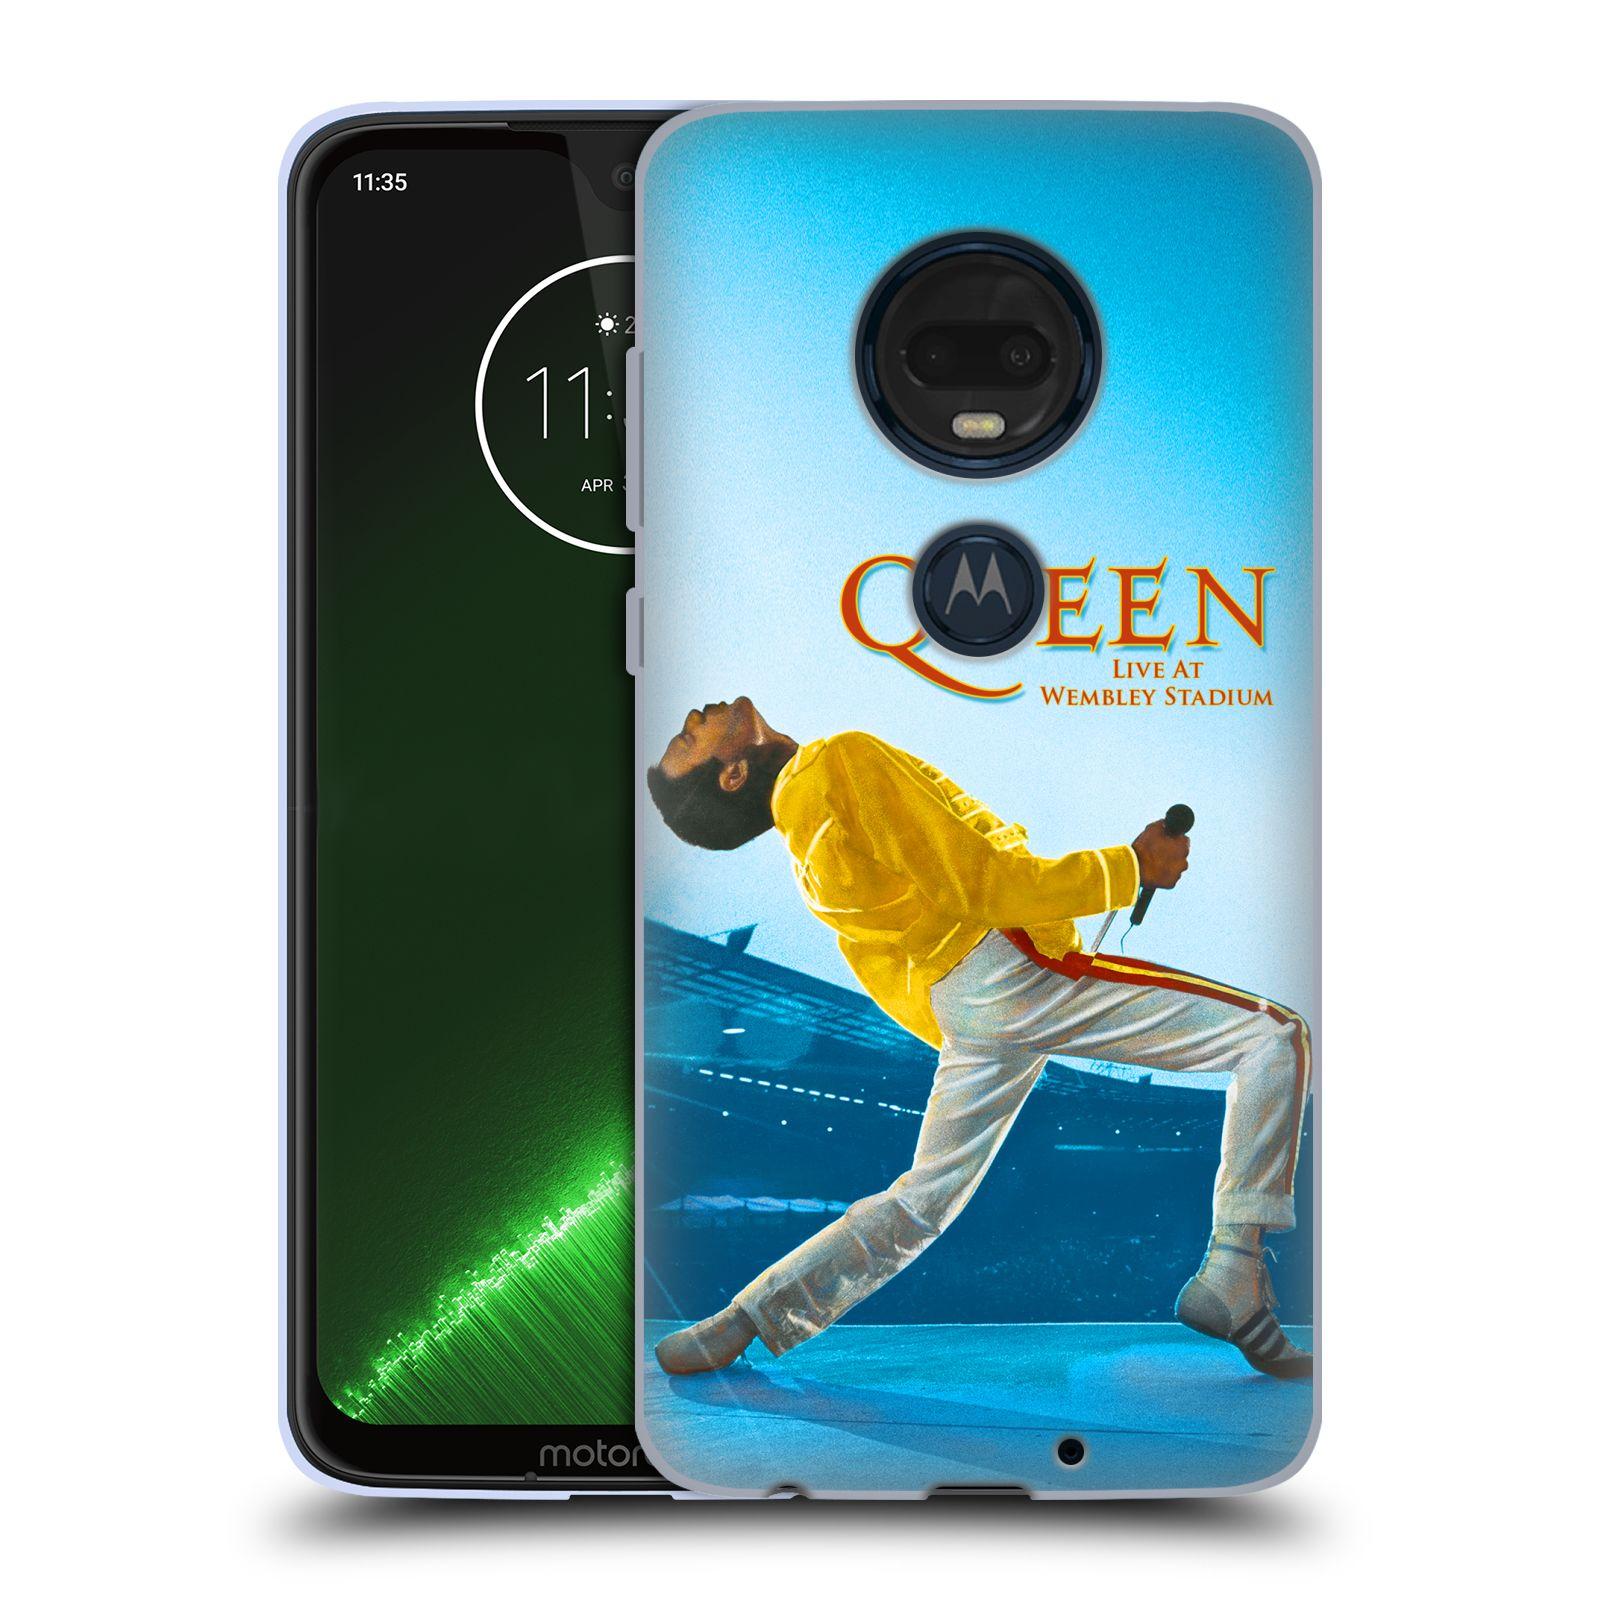 Silikonové pouzdro na mobil Motorola Moto G7 Plus - Head Case - Queen - Freddie Mercury